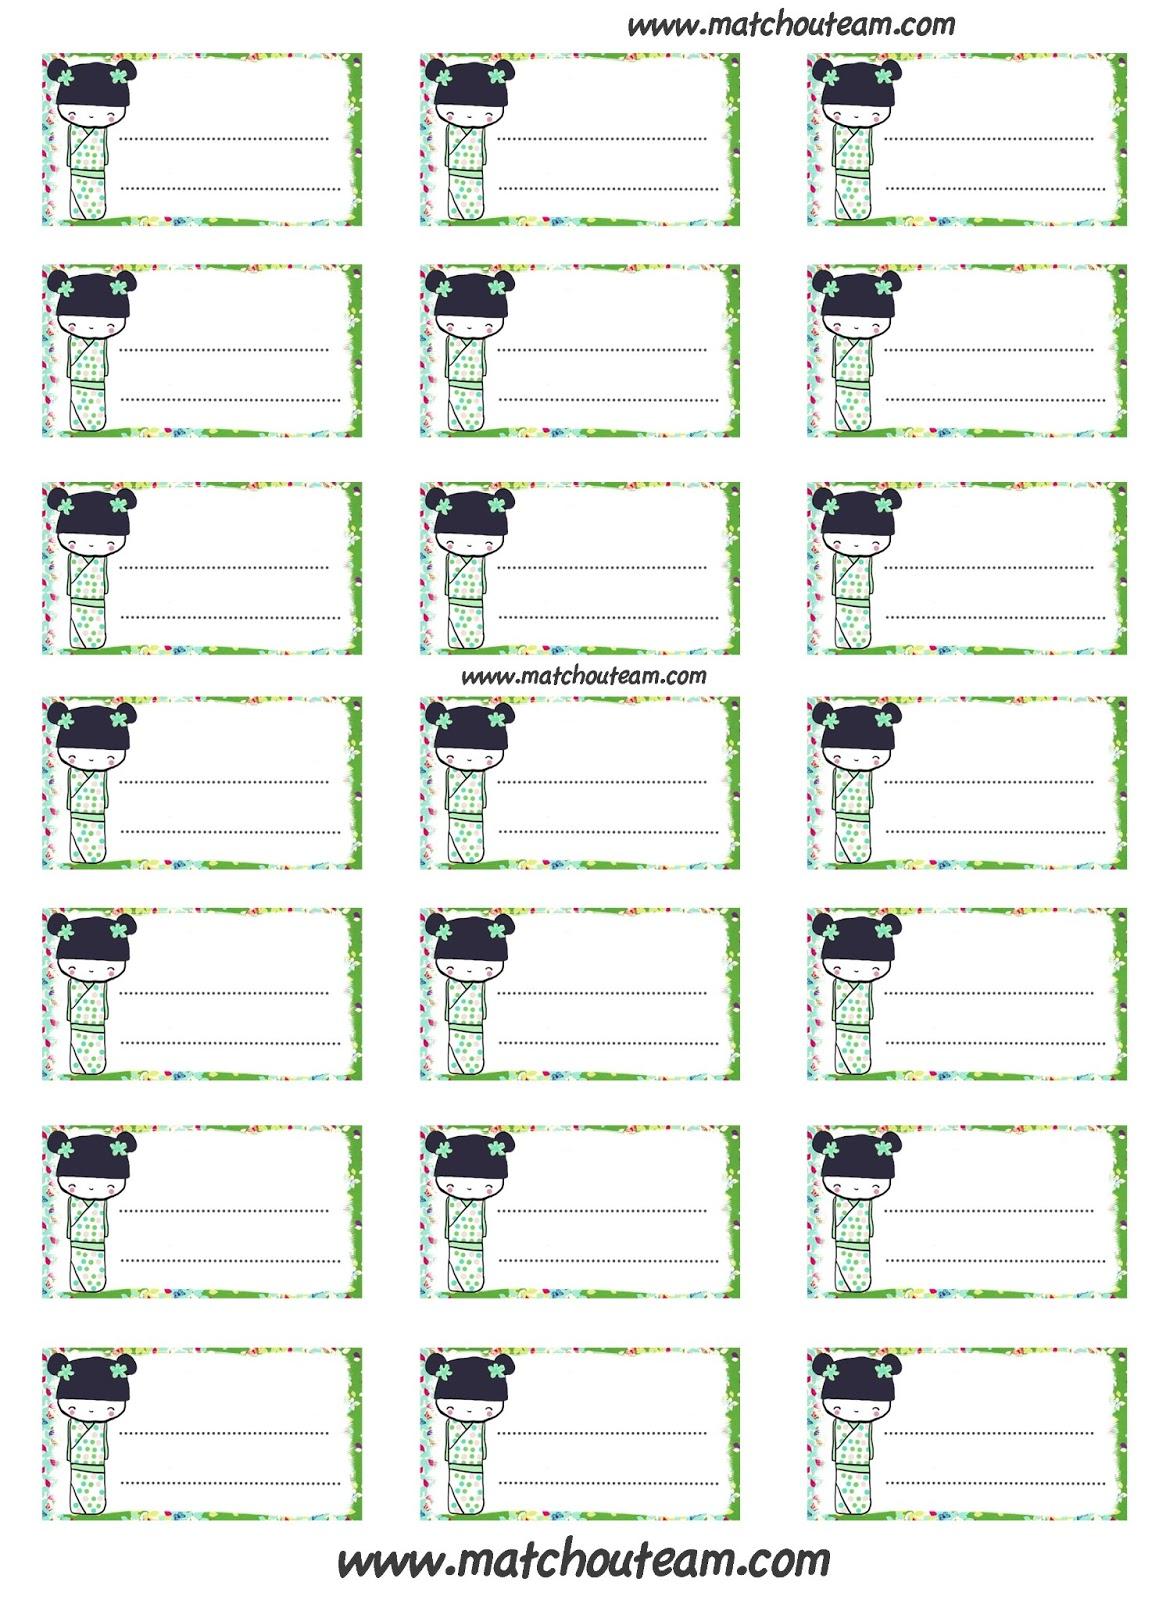 Souvent Ma Tchou team: étiquettes rentrée scolaire à imprimer SN37